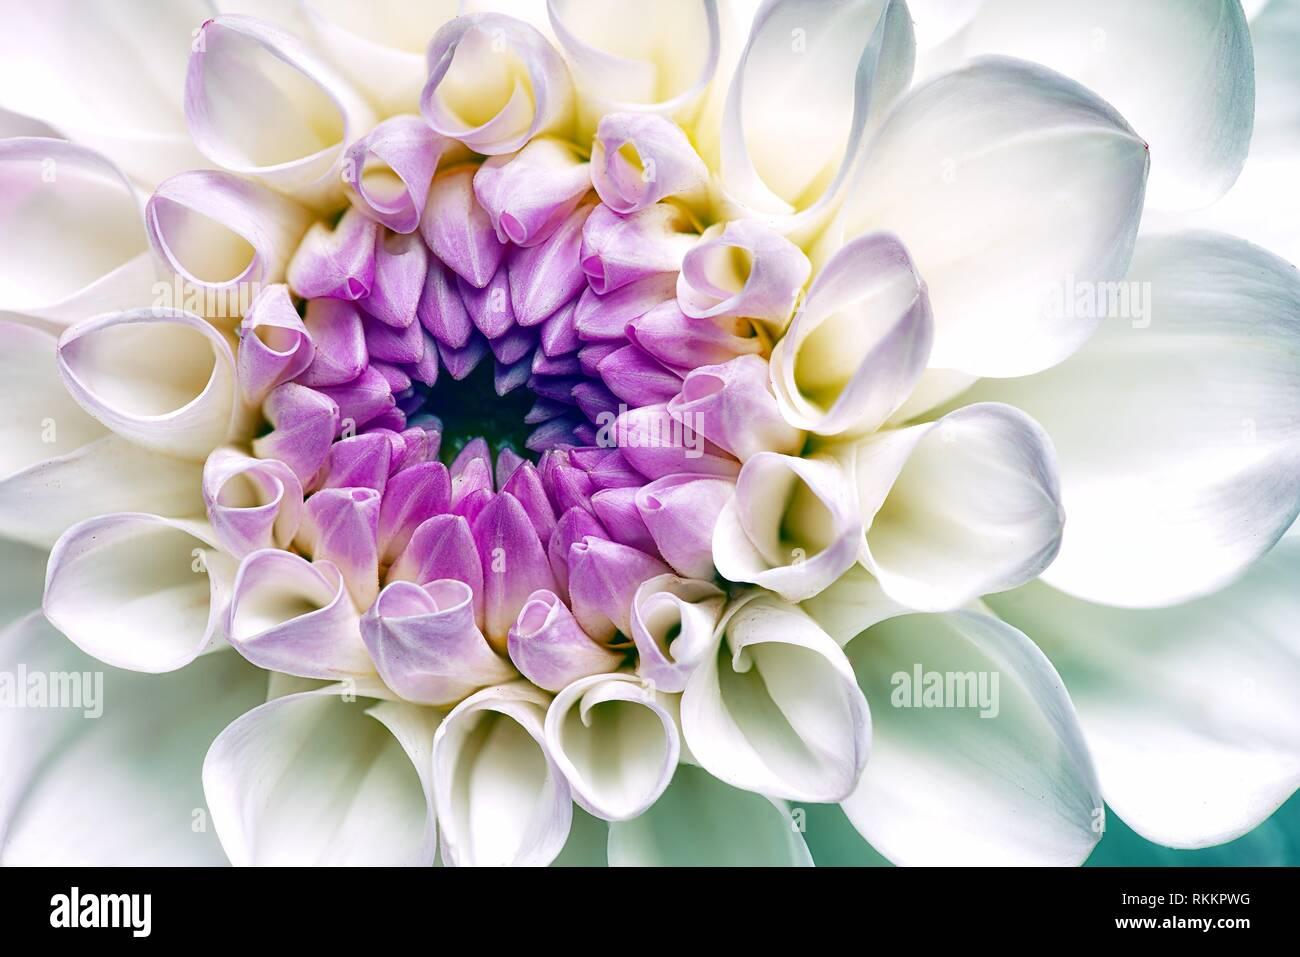 Dalia Blanca Flor. Antecedentes floral abstracto. Imagen De Stock